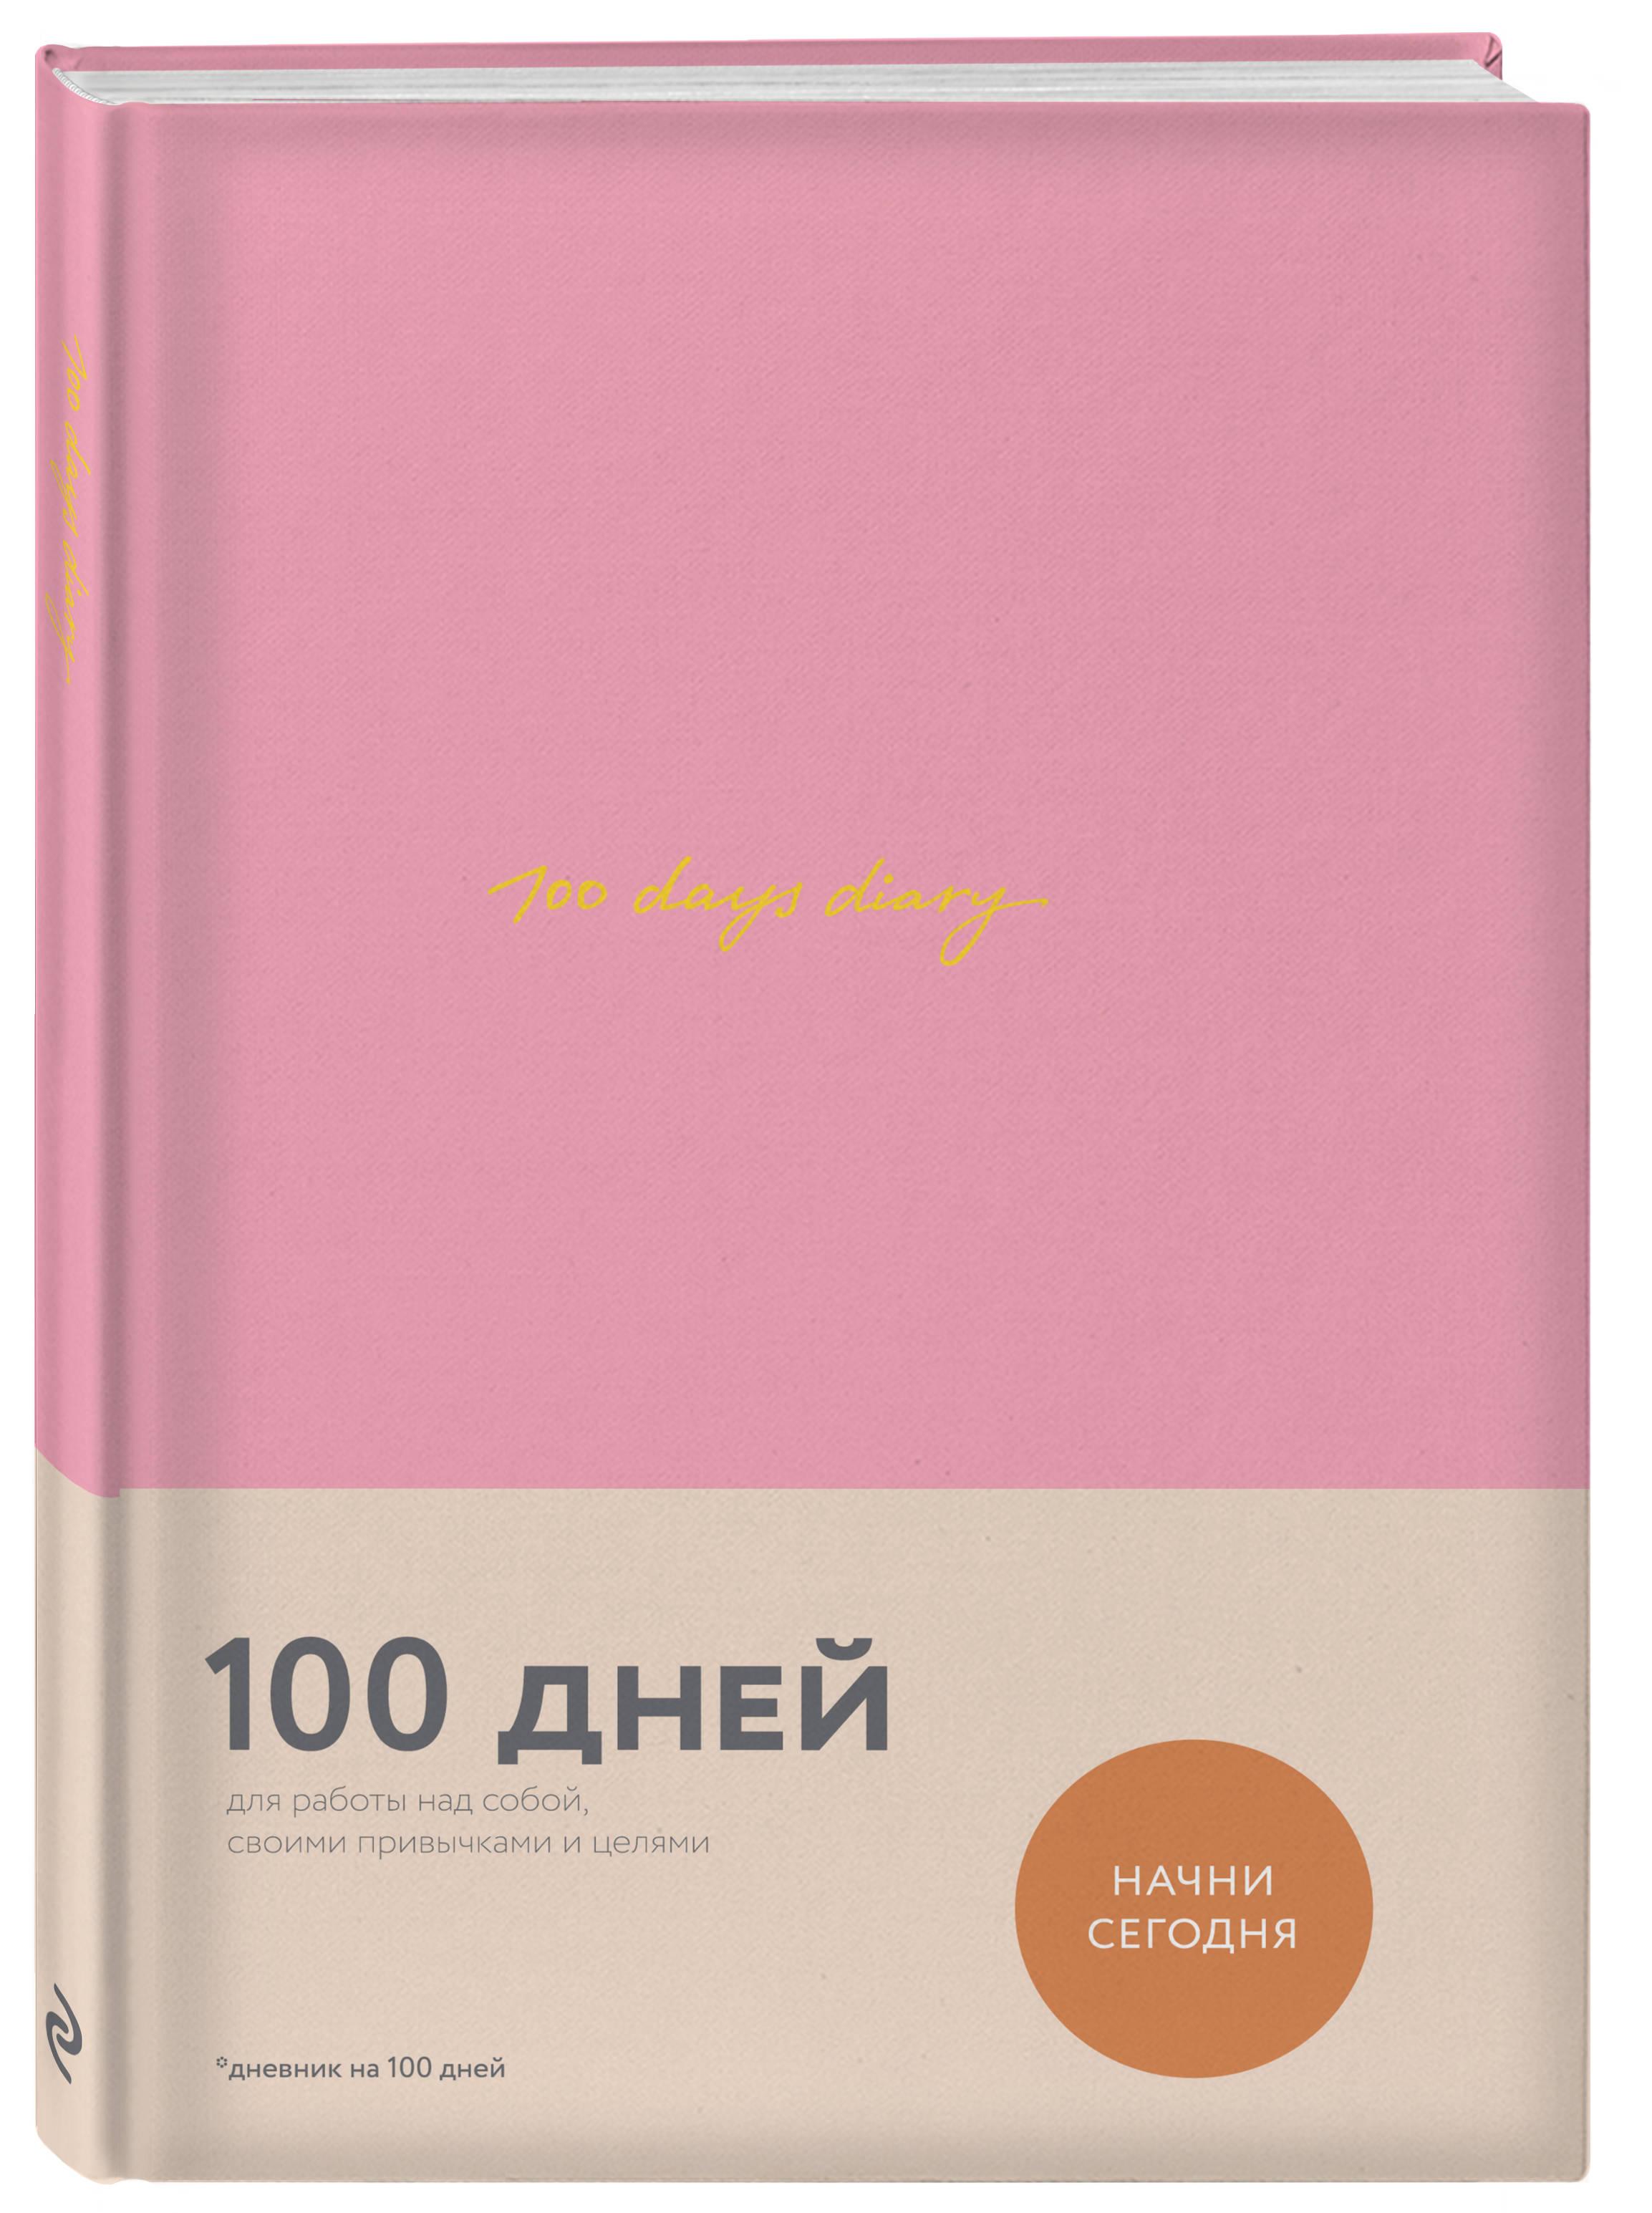 Веденеева В. 100 days diary. Ежедневник на 100 дней, для работы над собой (формат А5, тонированная бумага, ляссе, розовая обложка) рязанцев а ежедневник руководителя годовой план на 12 недель